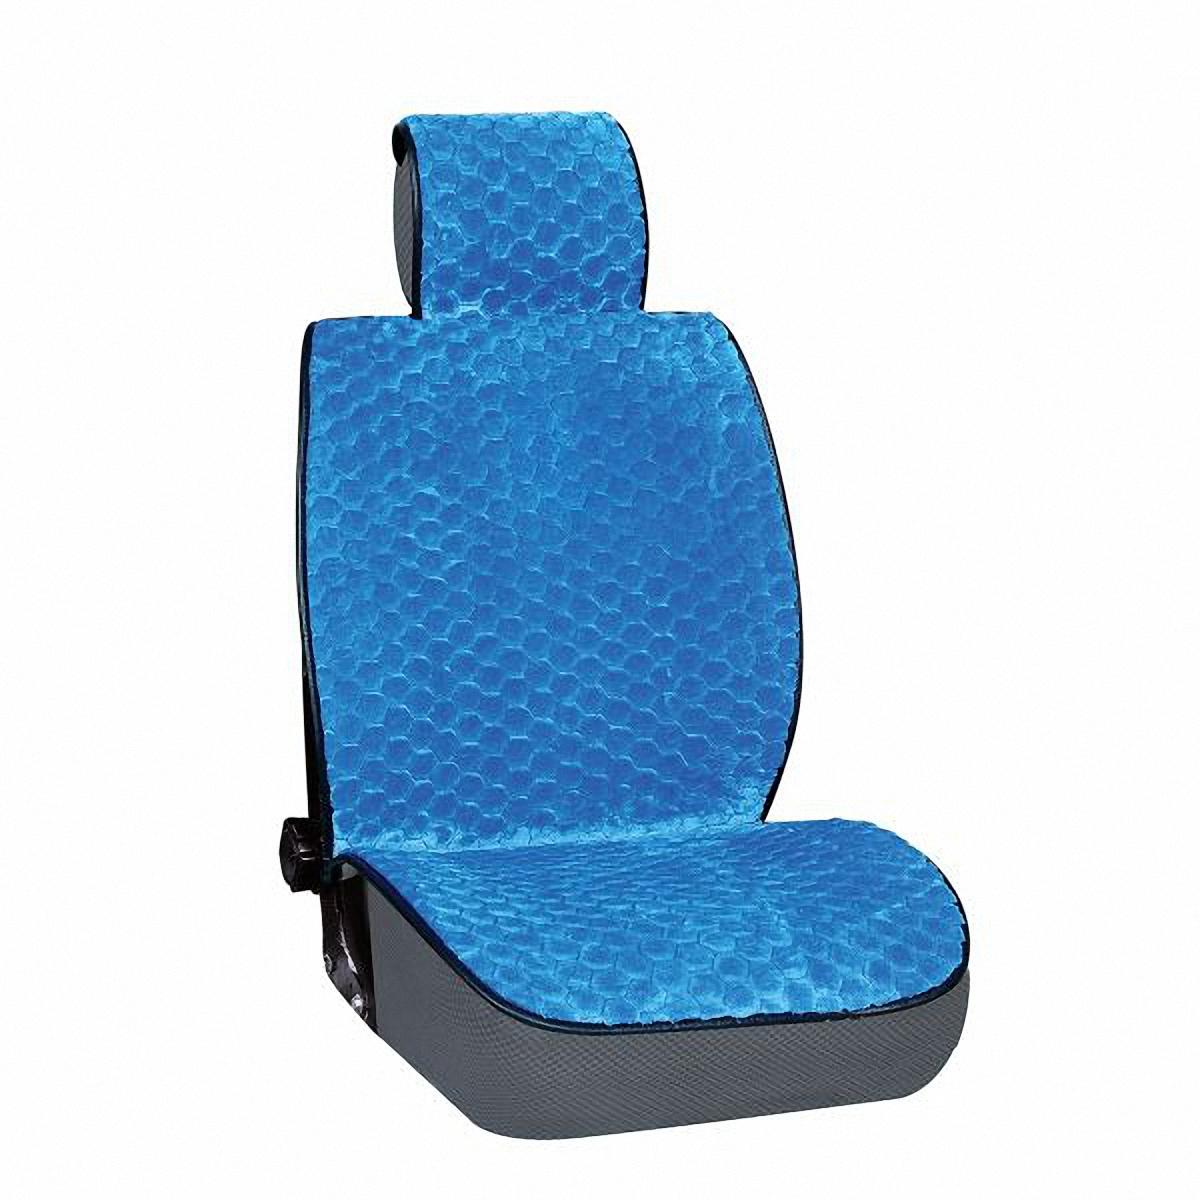 Накидка на сиденье Skyway, цвет: синий. S03001024S03001024Накидка на сиденье Skyway - это изящное сочетание стиля и качества. Выполненные из искусственного меха они расслабляют мышцы спины при поездке, благотворно влияя на позвоночник. Так просто получить ощущение легкого массажа. С ними салон становится уютнее, а сами сидения - удобнее.